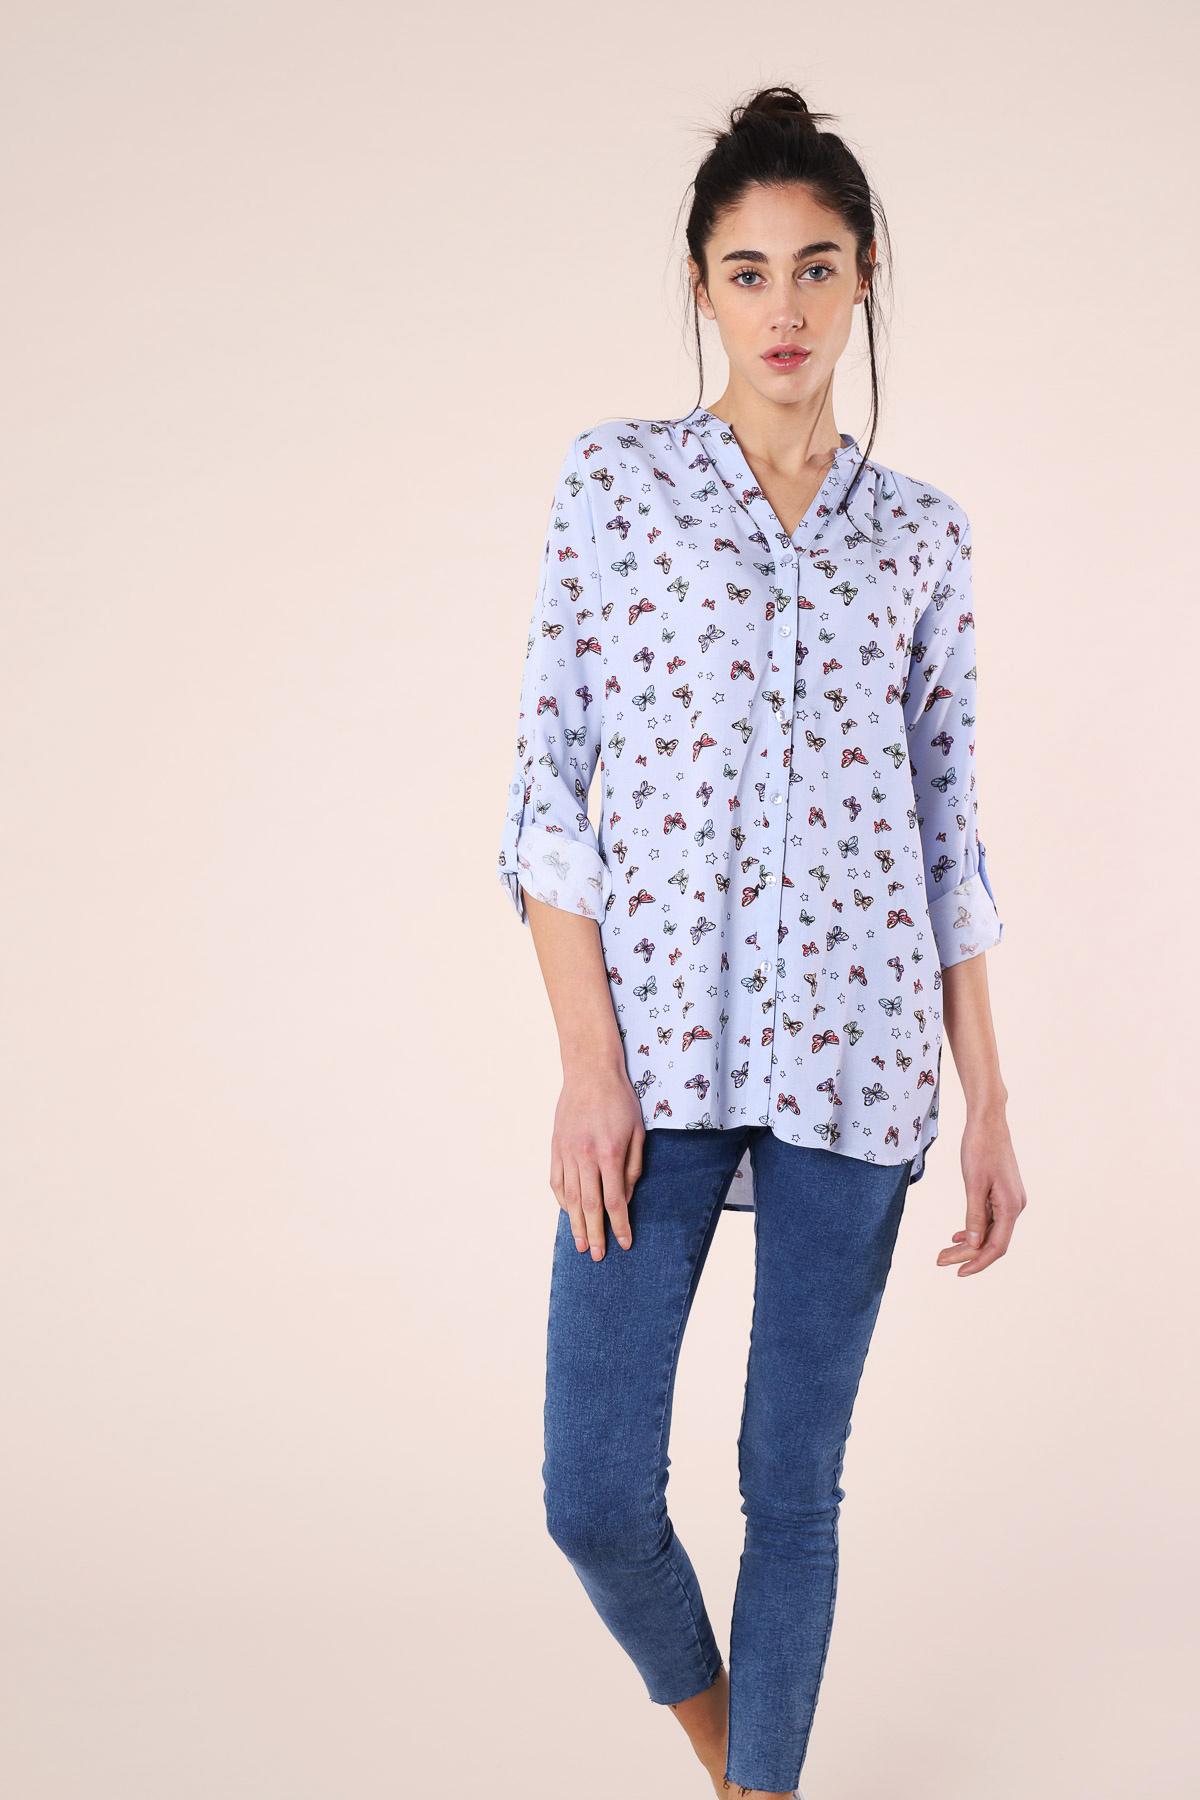 all'ingrosso online presentando seleziona per genuino Terranova, la collezione di abbigliamento Primavera/Estate ...